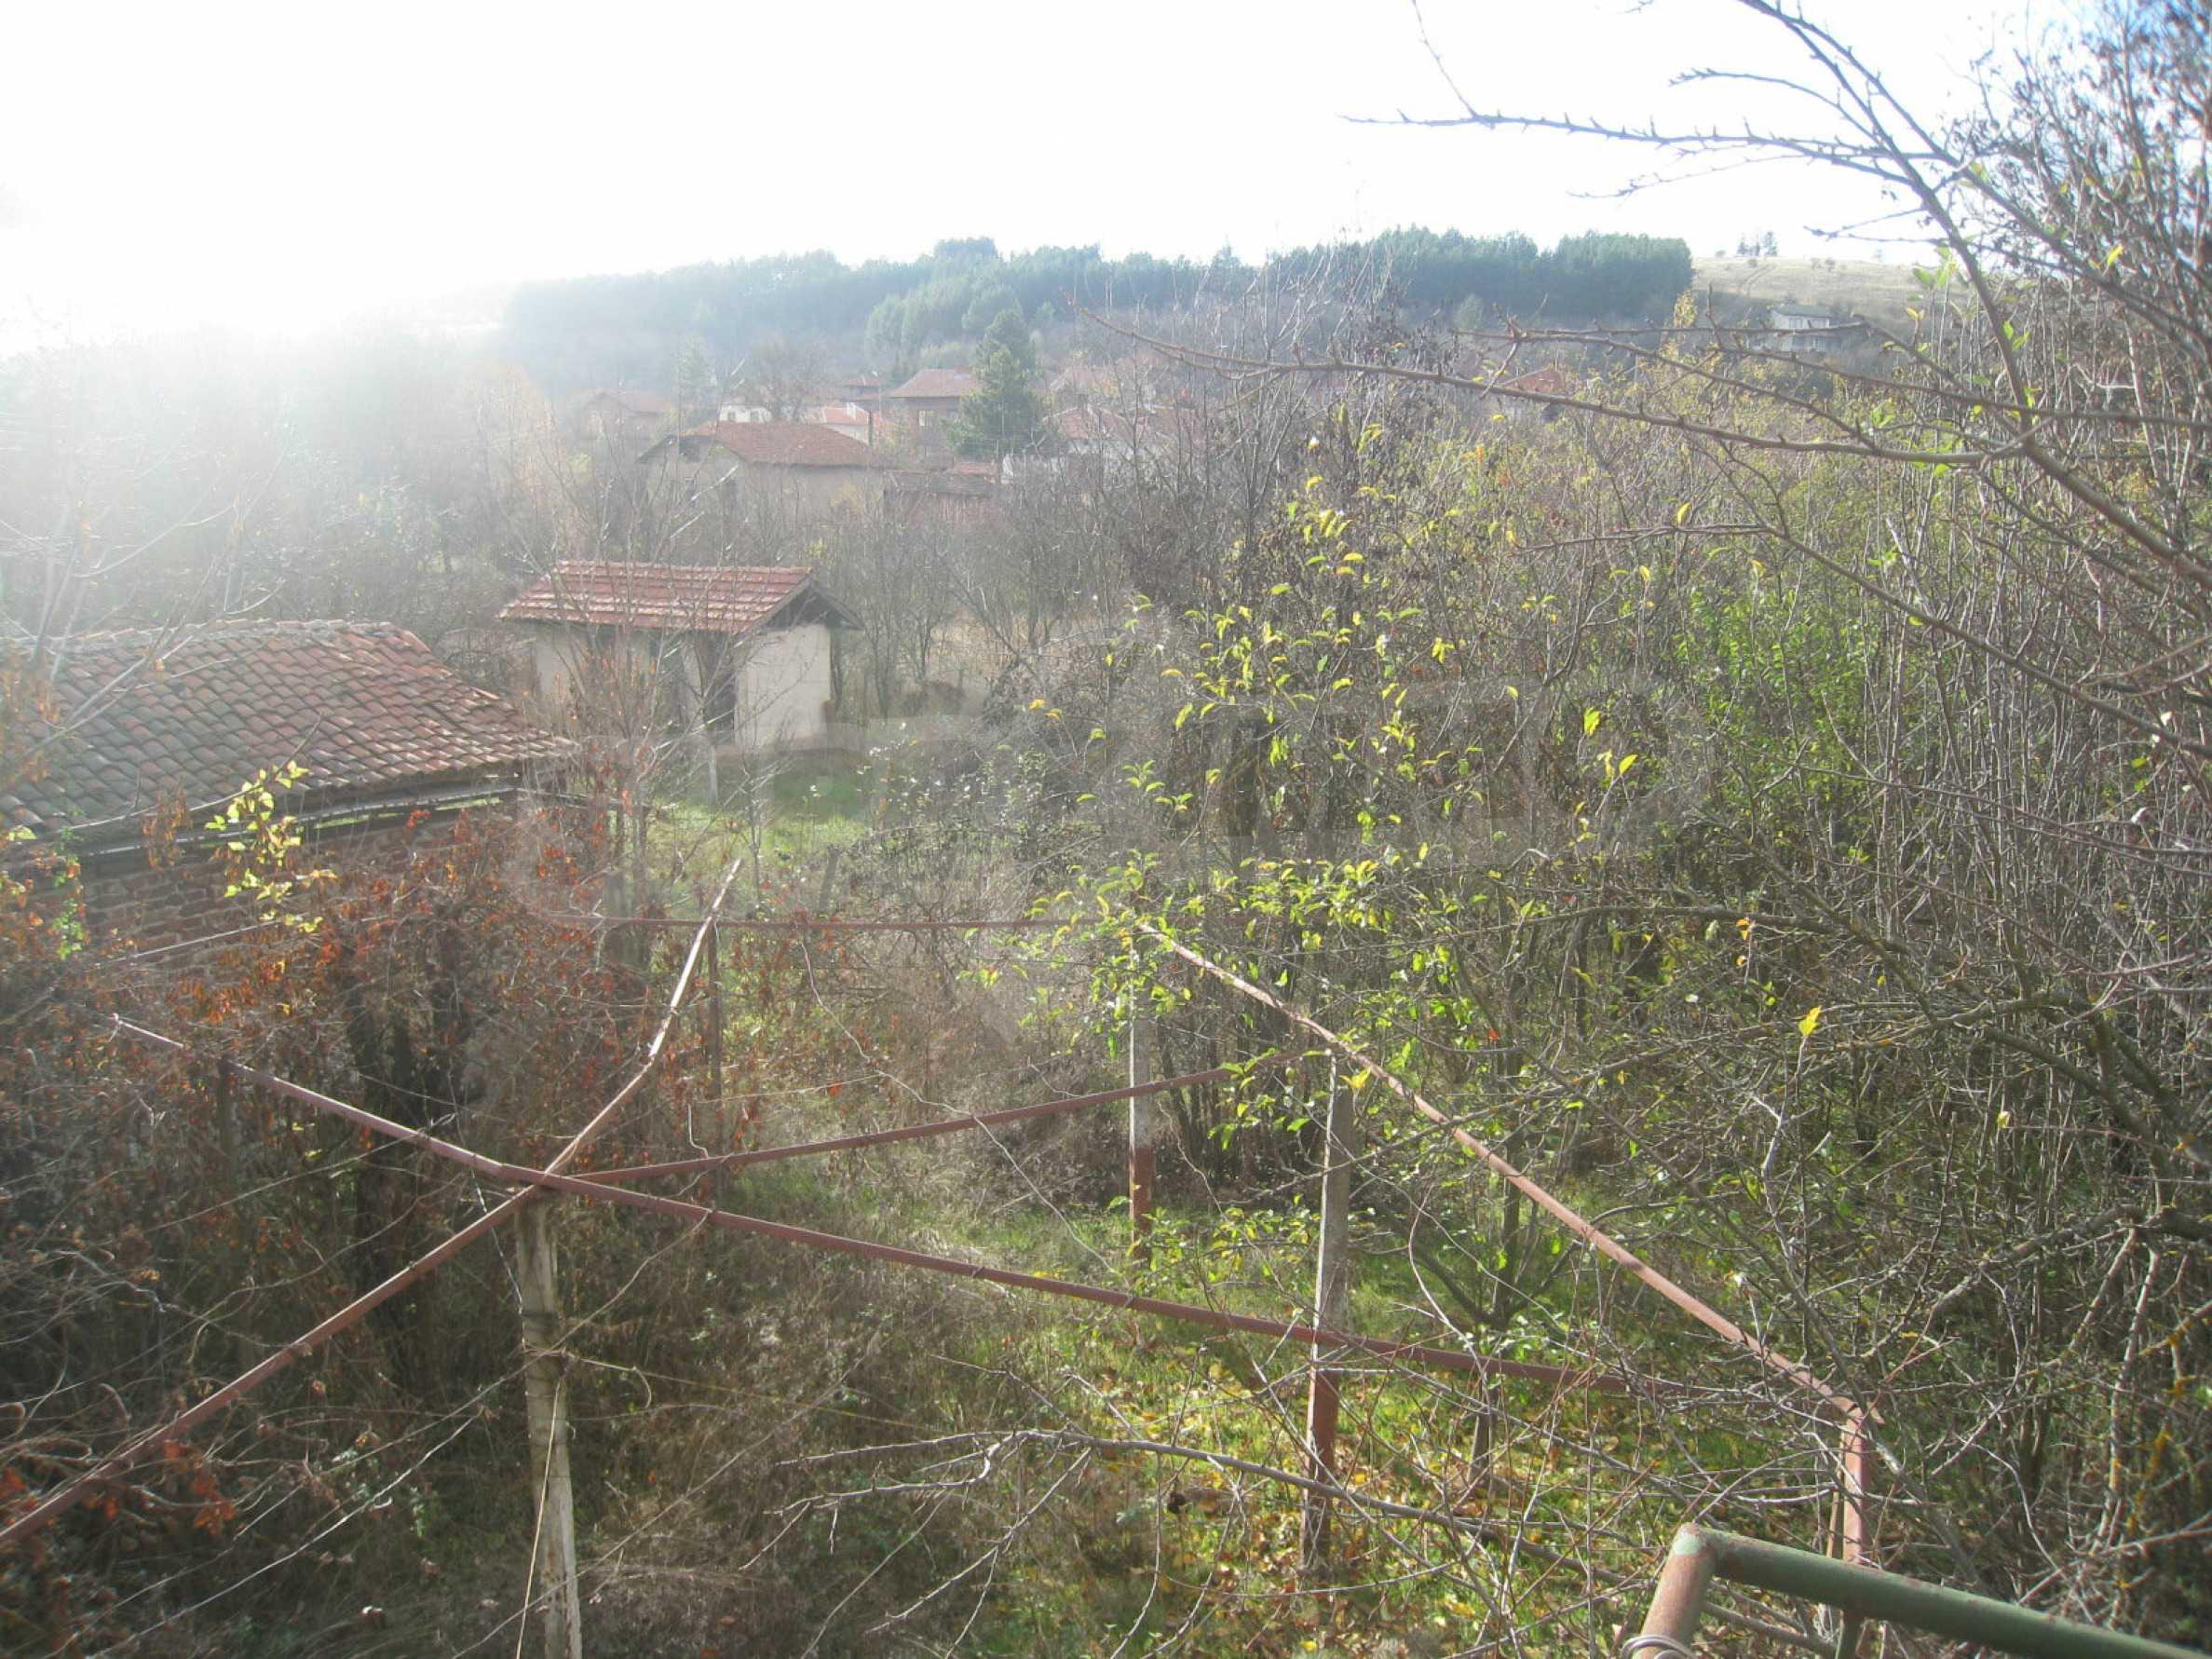 Haus zum Verkauf in der Nähe von Kyustendil 36